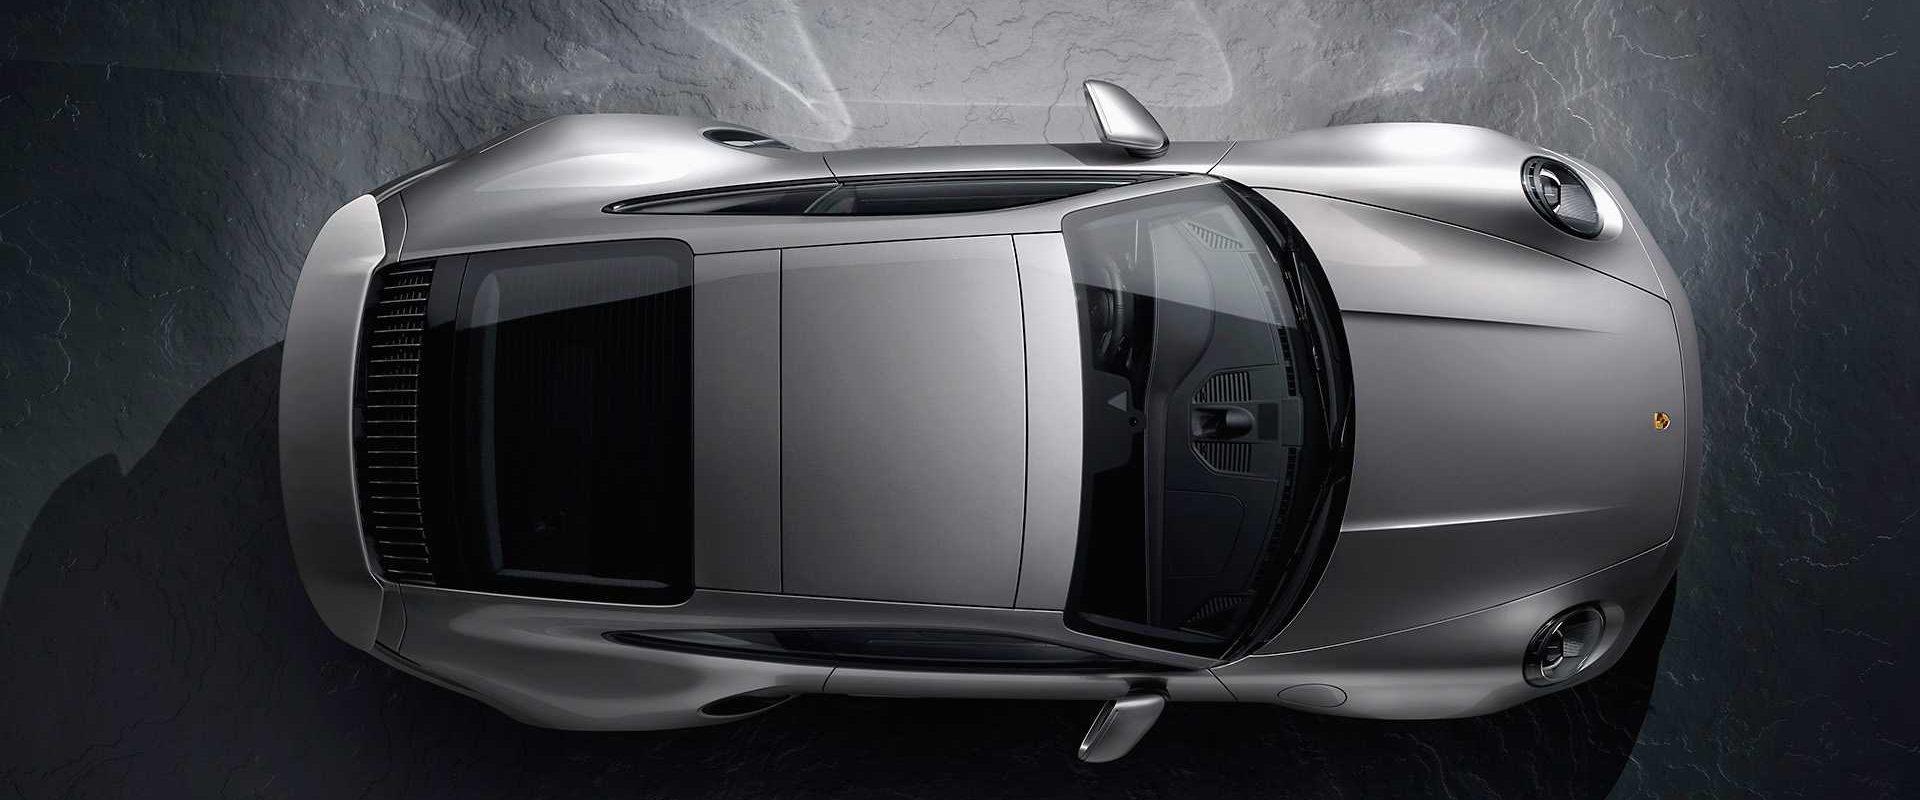 Carros importados de luxo destaques em 2020